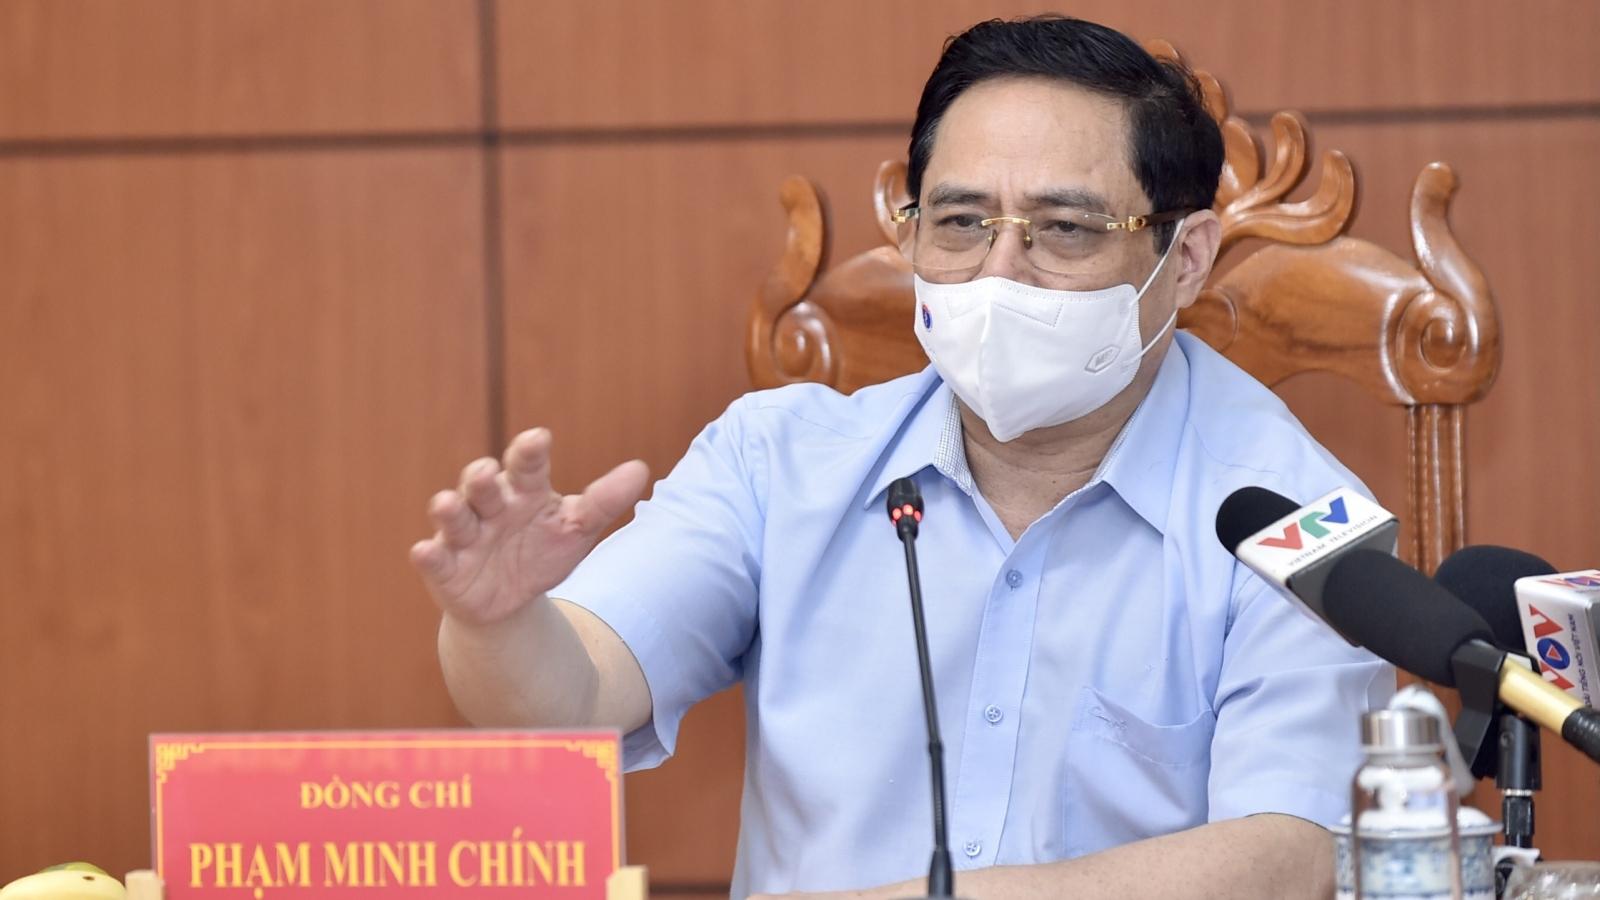 Thủ tướng yêu cầu các địa phương không lơ là, mất cảnh giác trước dịch bệnh